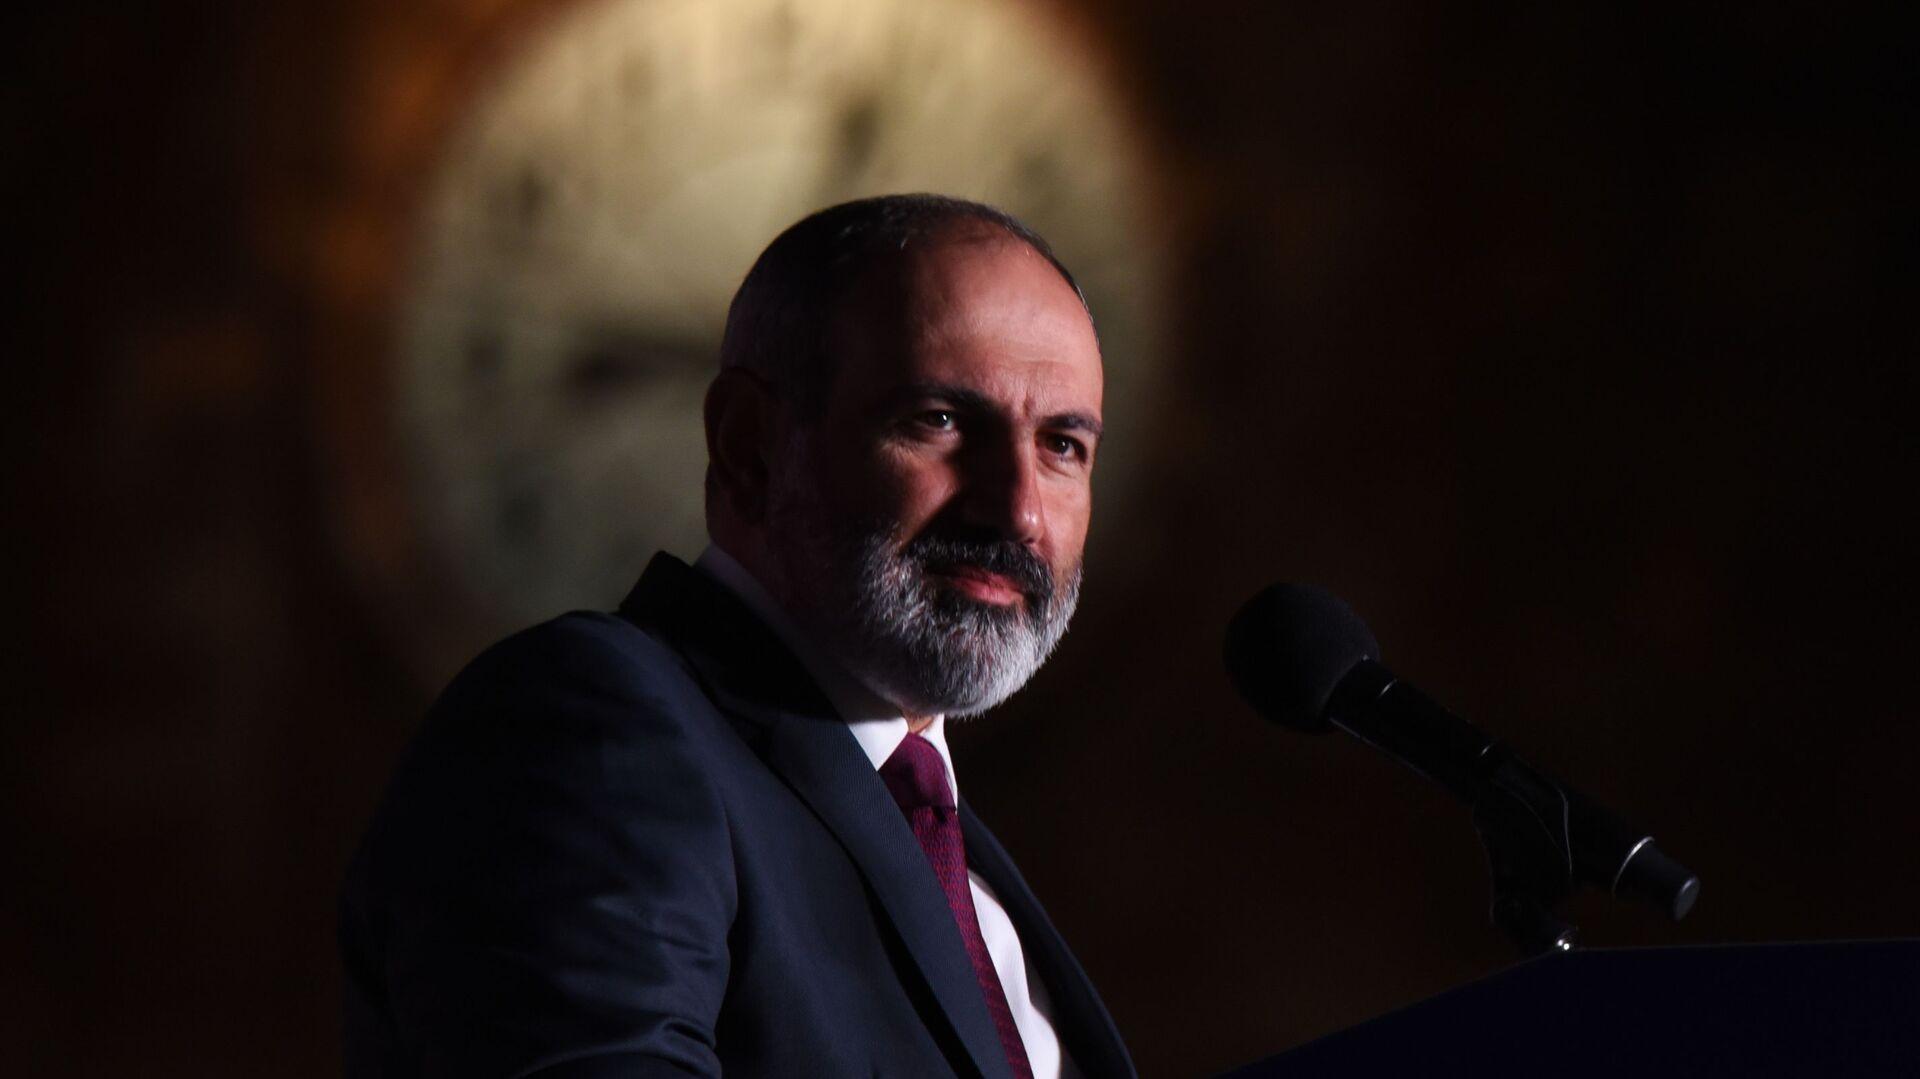 Ermenistan Başbakanı Nikol Paşinyan - Sputnik Türkiye, 1920, 29.07.2021